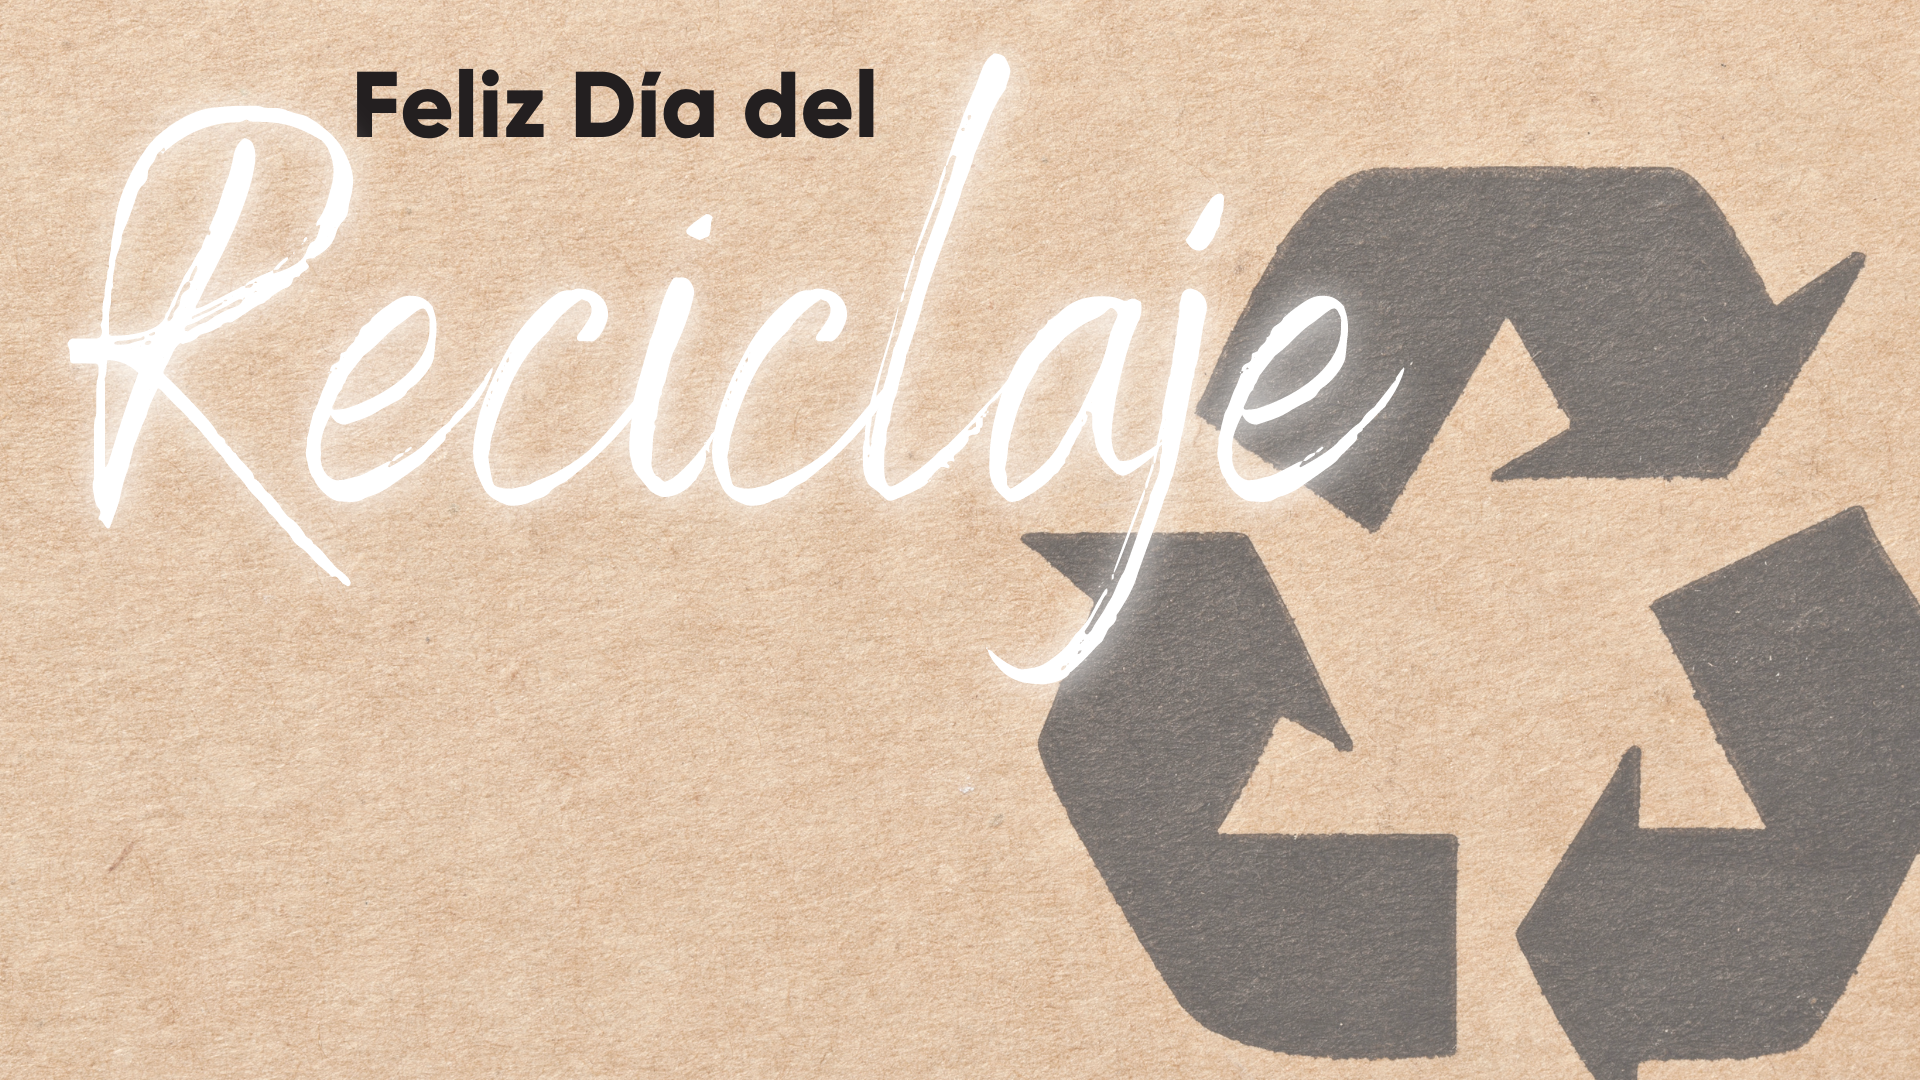 dia del reciclaje